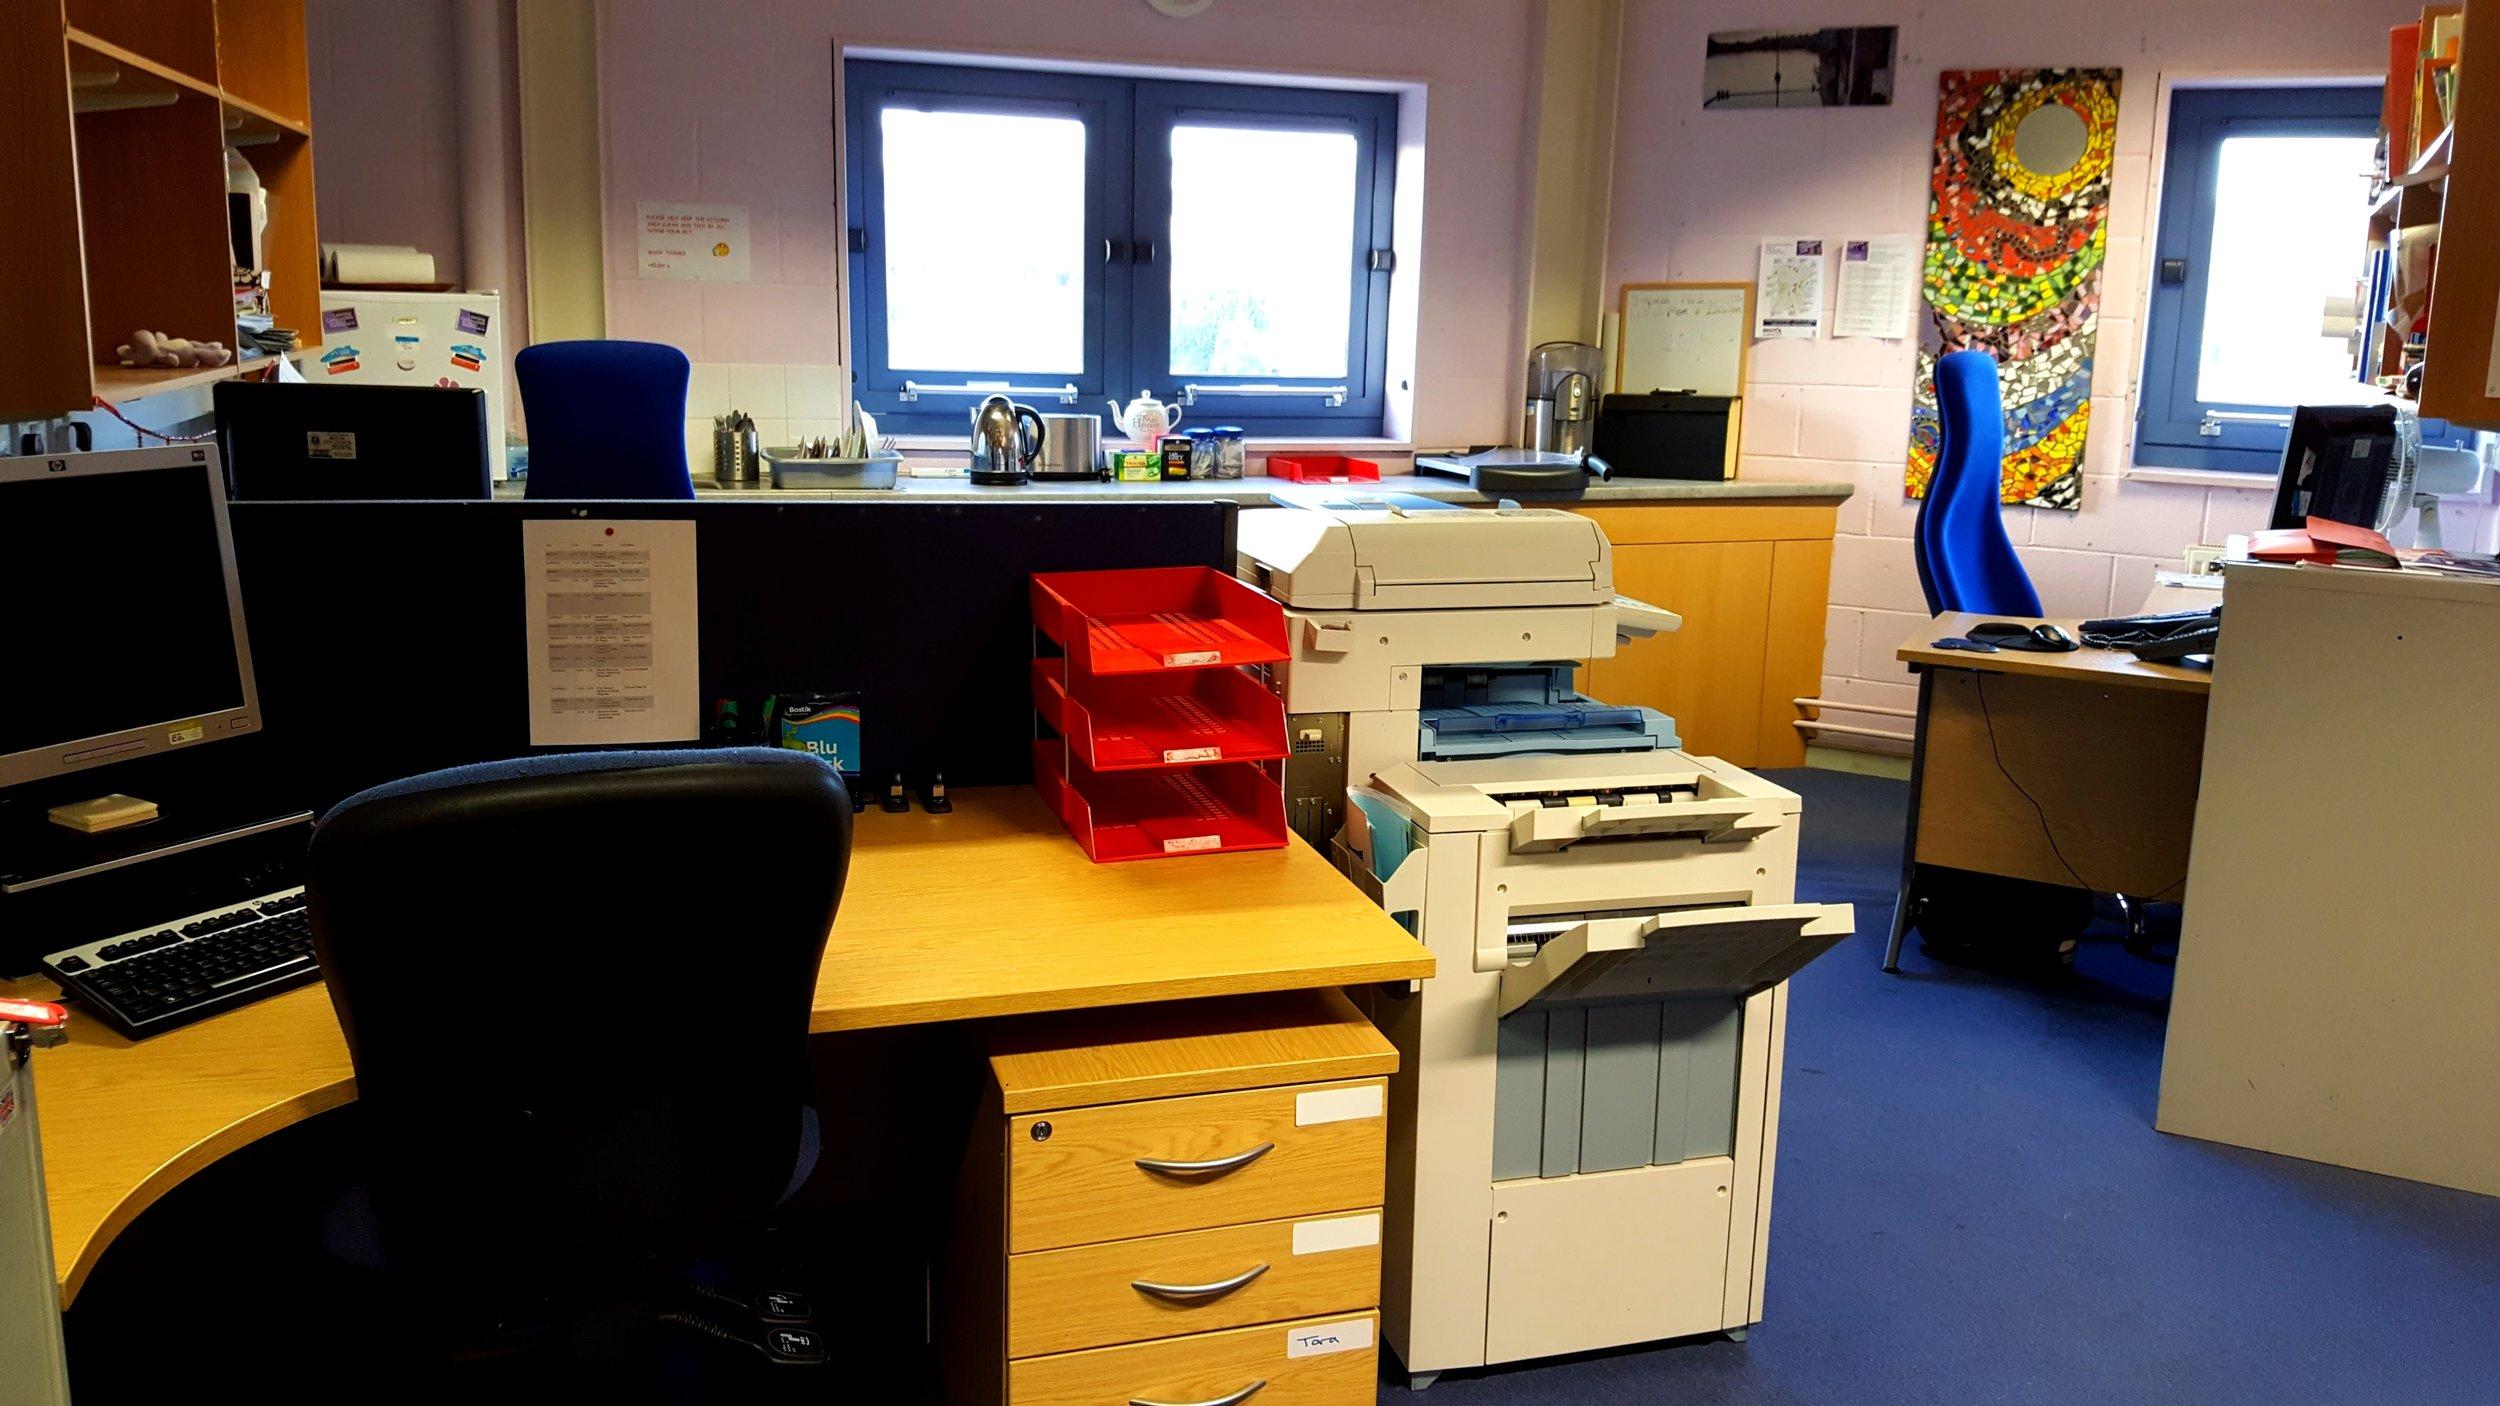 Offices SPLC.jpg